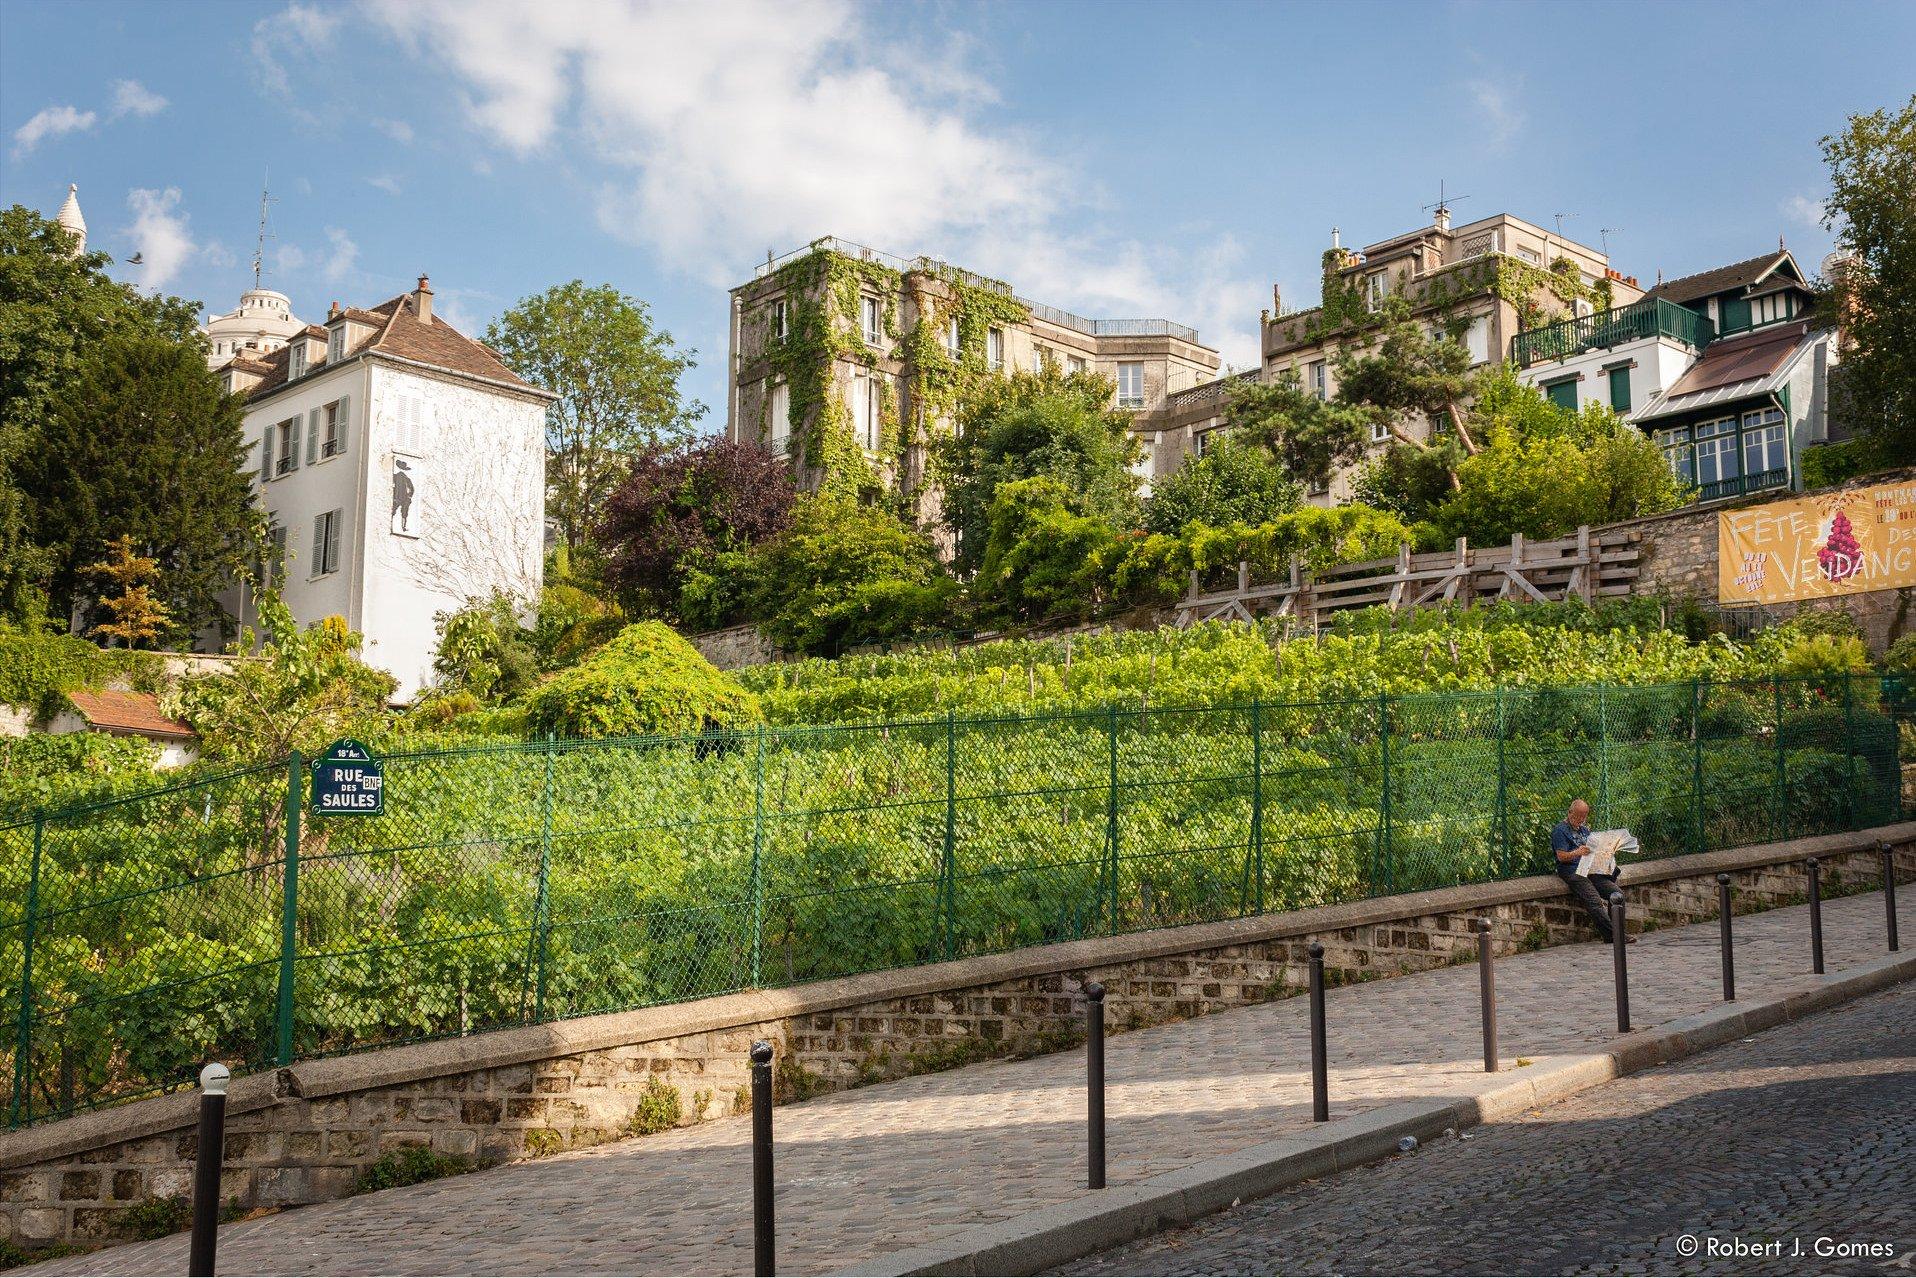 Eladó egy szőlőbirtokra néző ház Párizs szívében